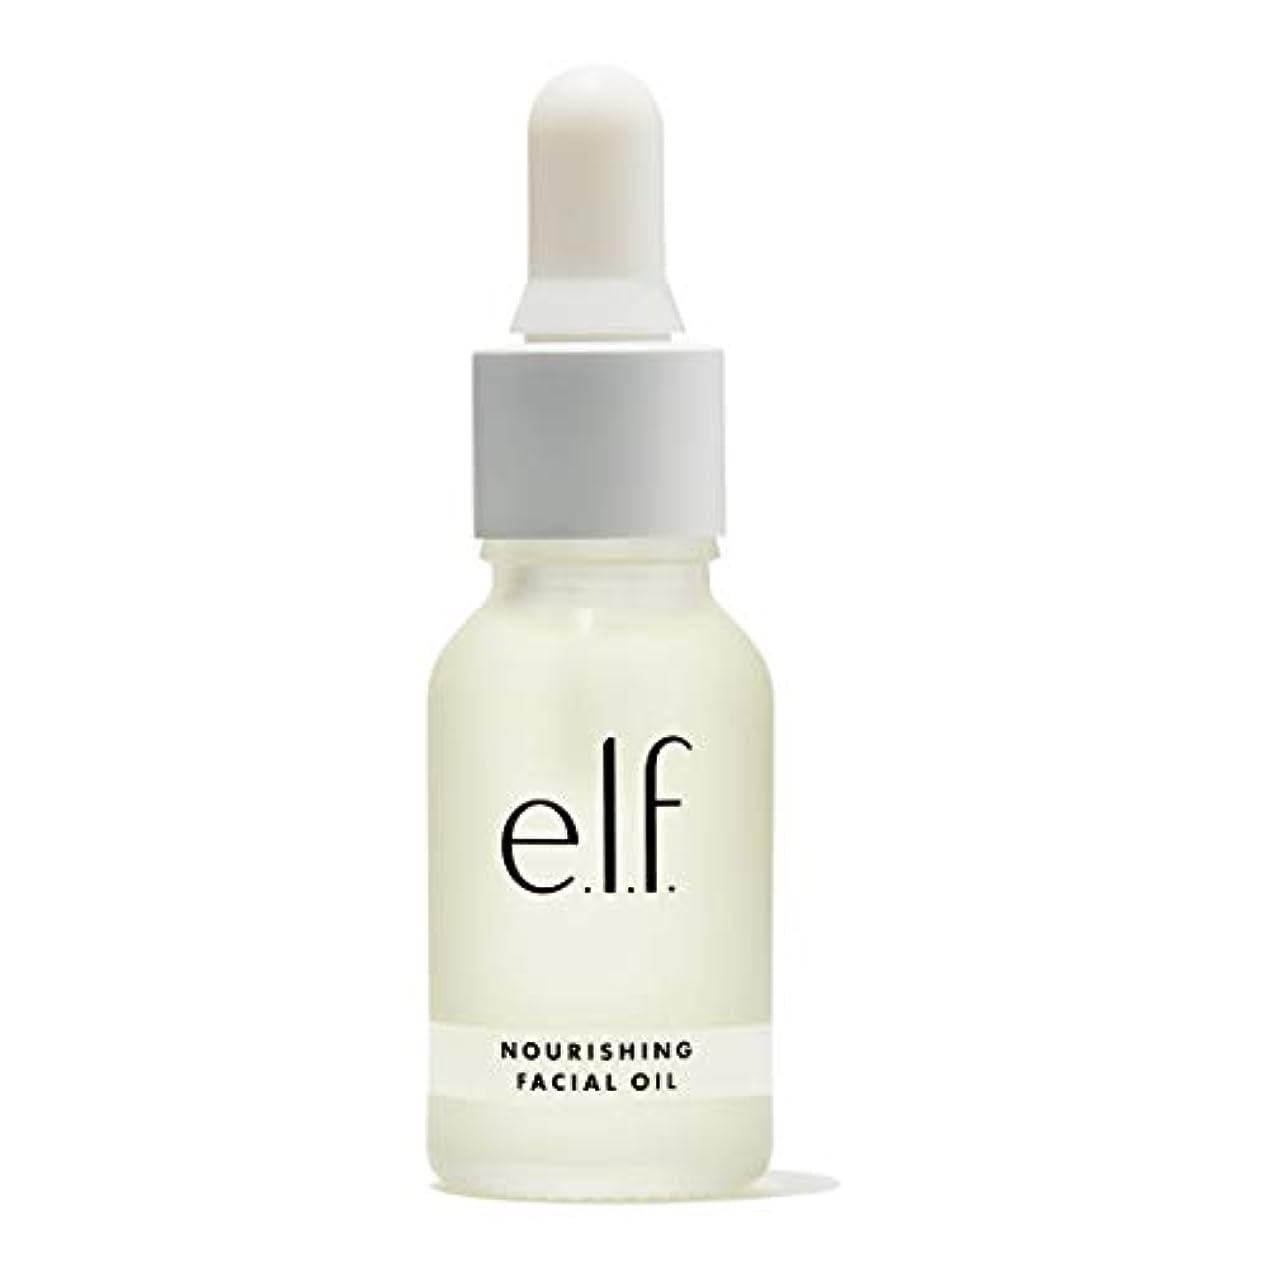 成功した旋回絶対に(3 Pack) e.l.f. Nourishing Facial Oil (並行輸入品)